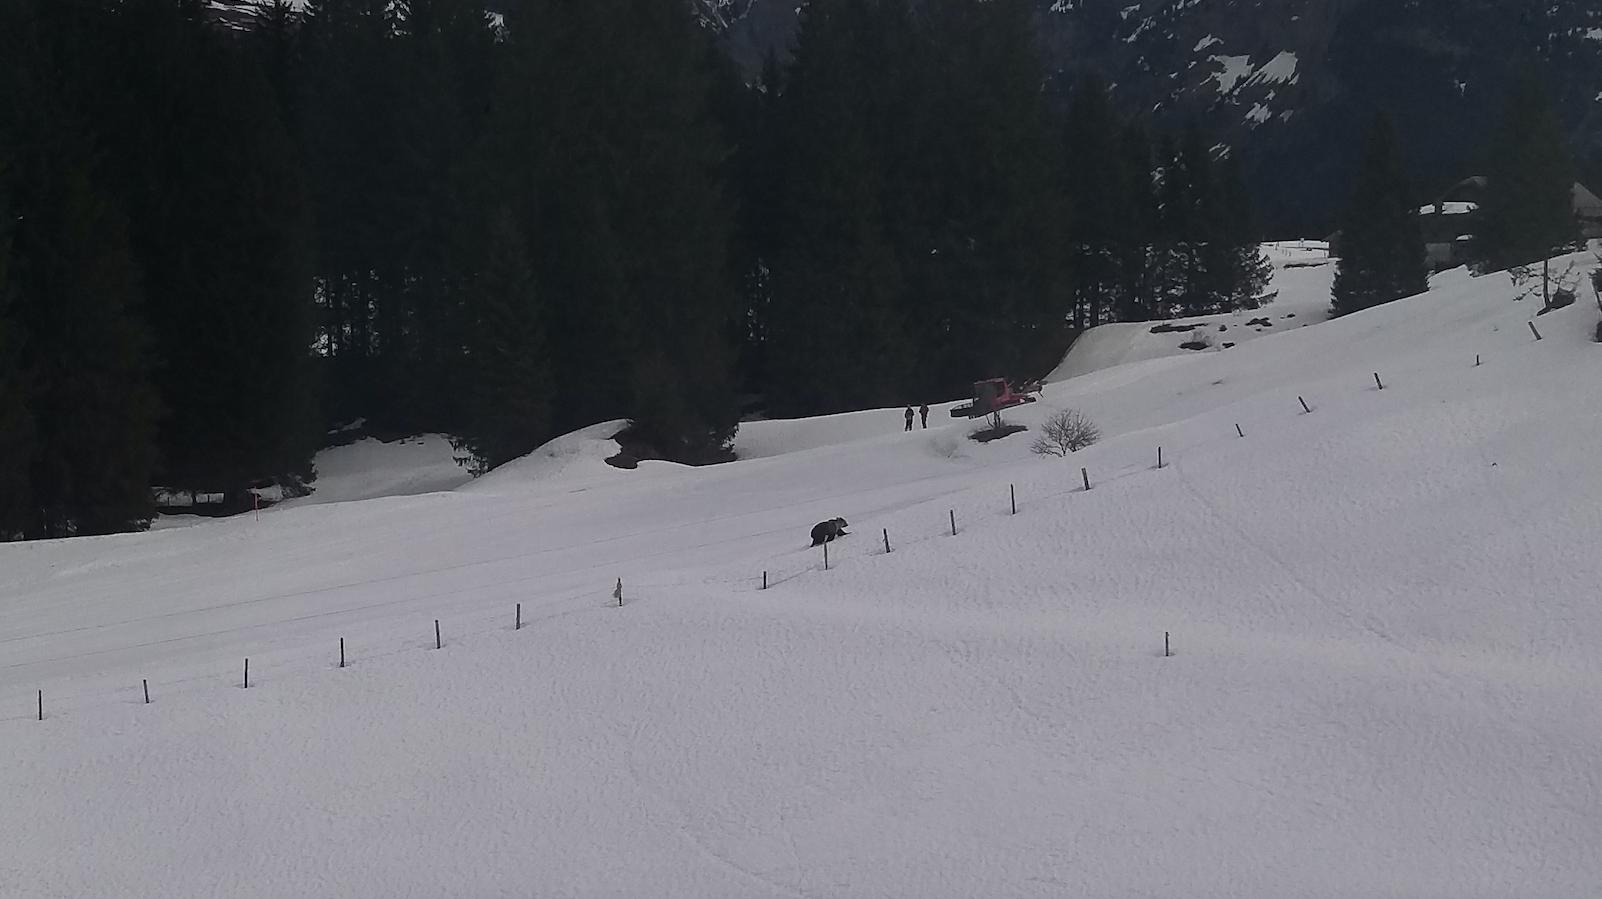 Bär in Engelberg entdeckt.